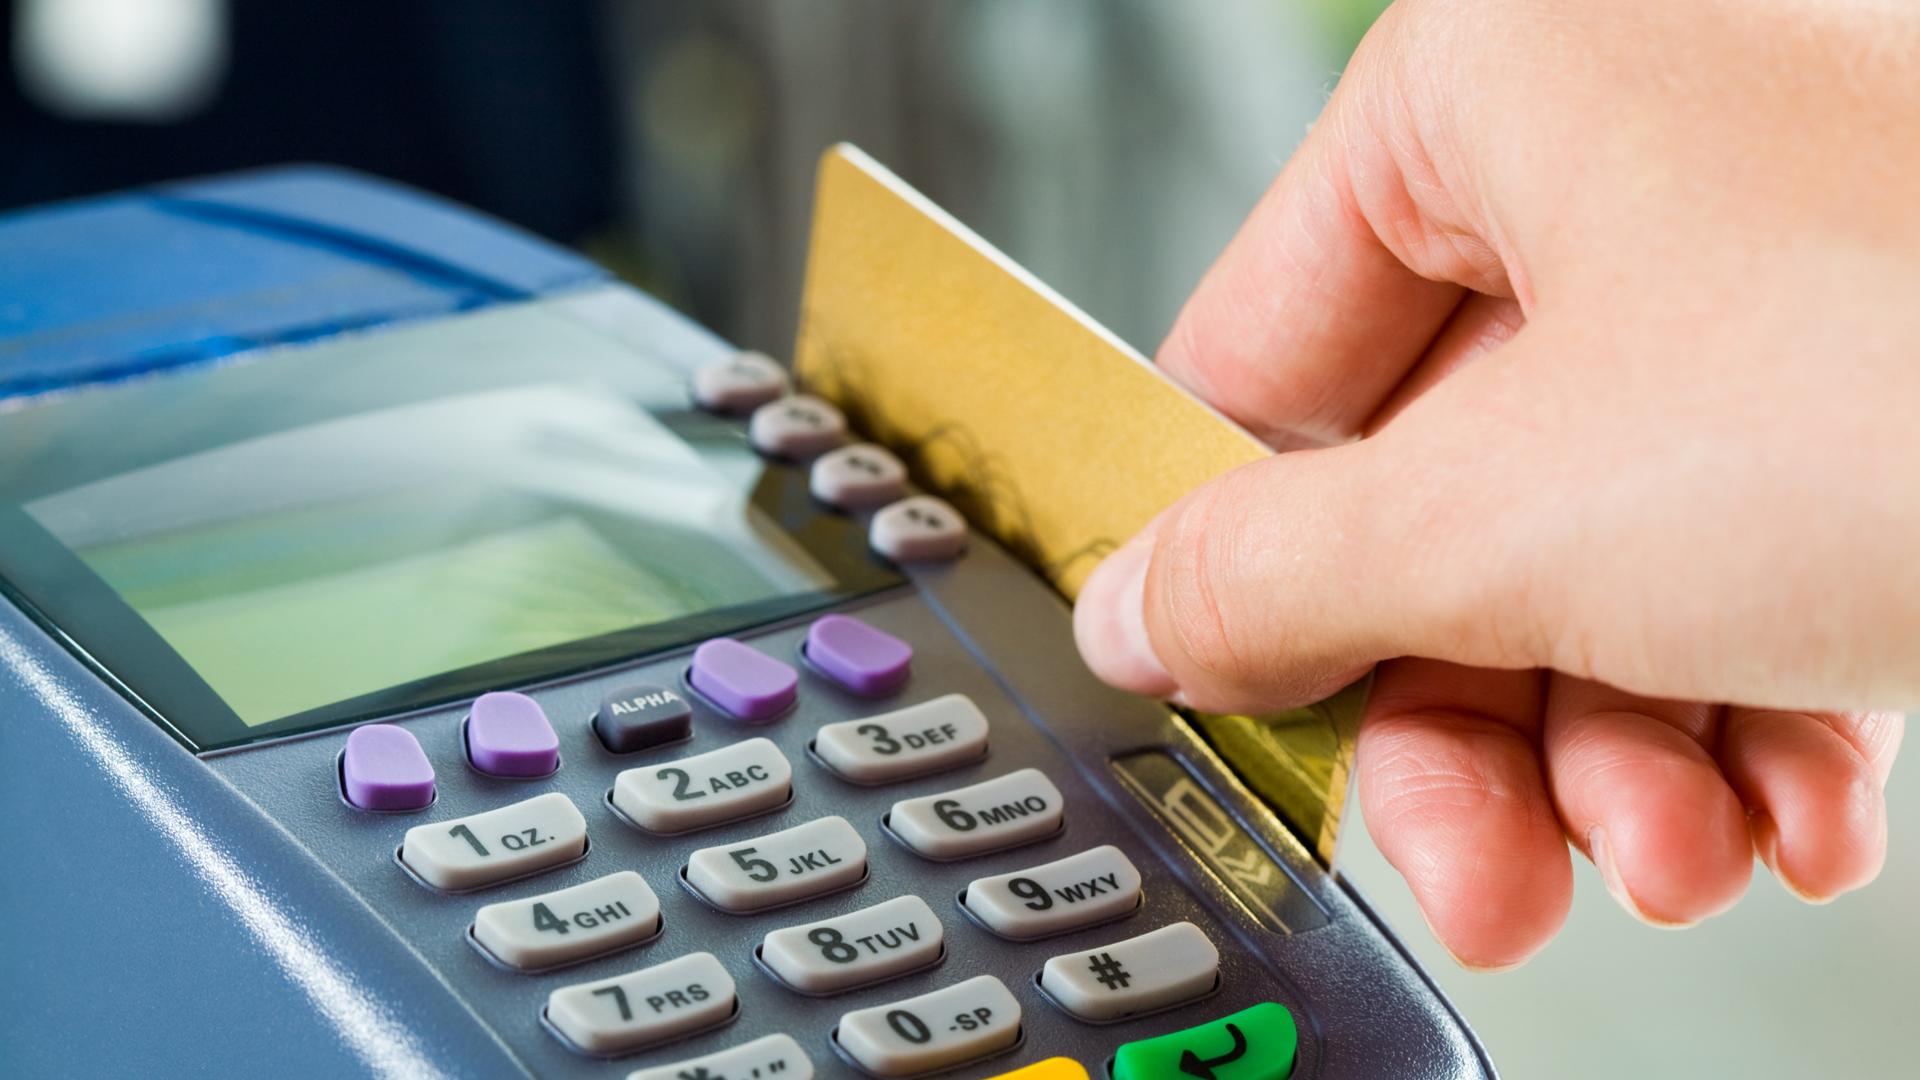 花旗银行信用卡分期手续费是多少